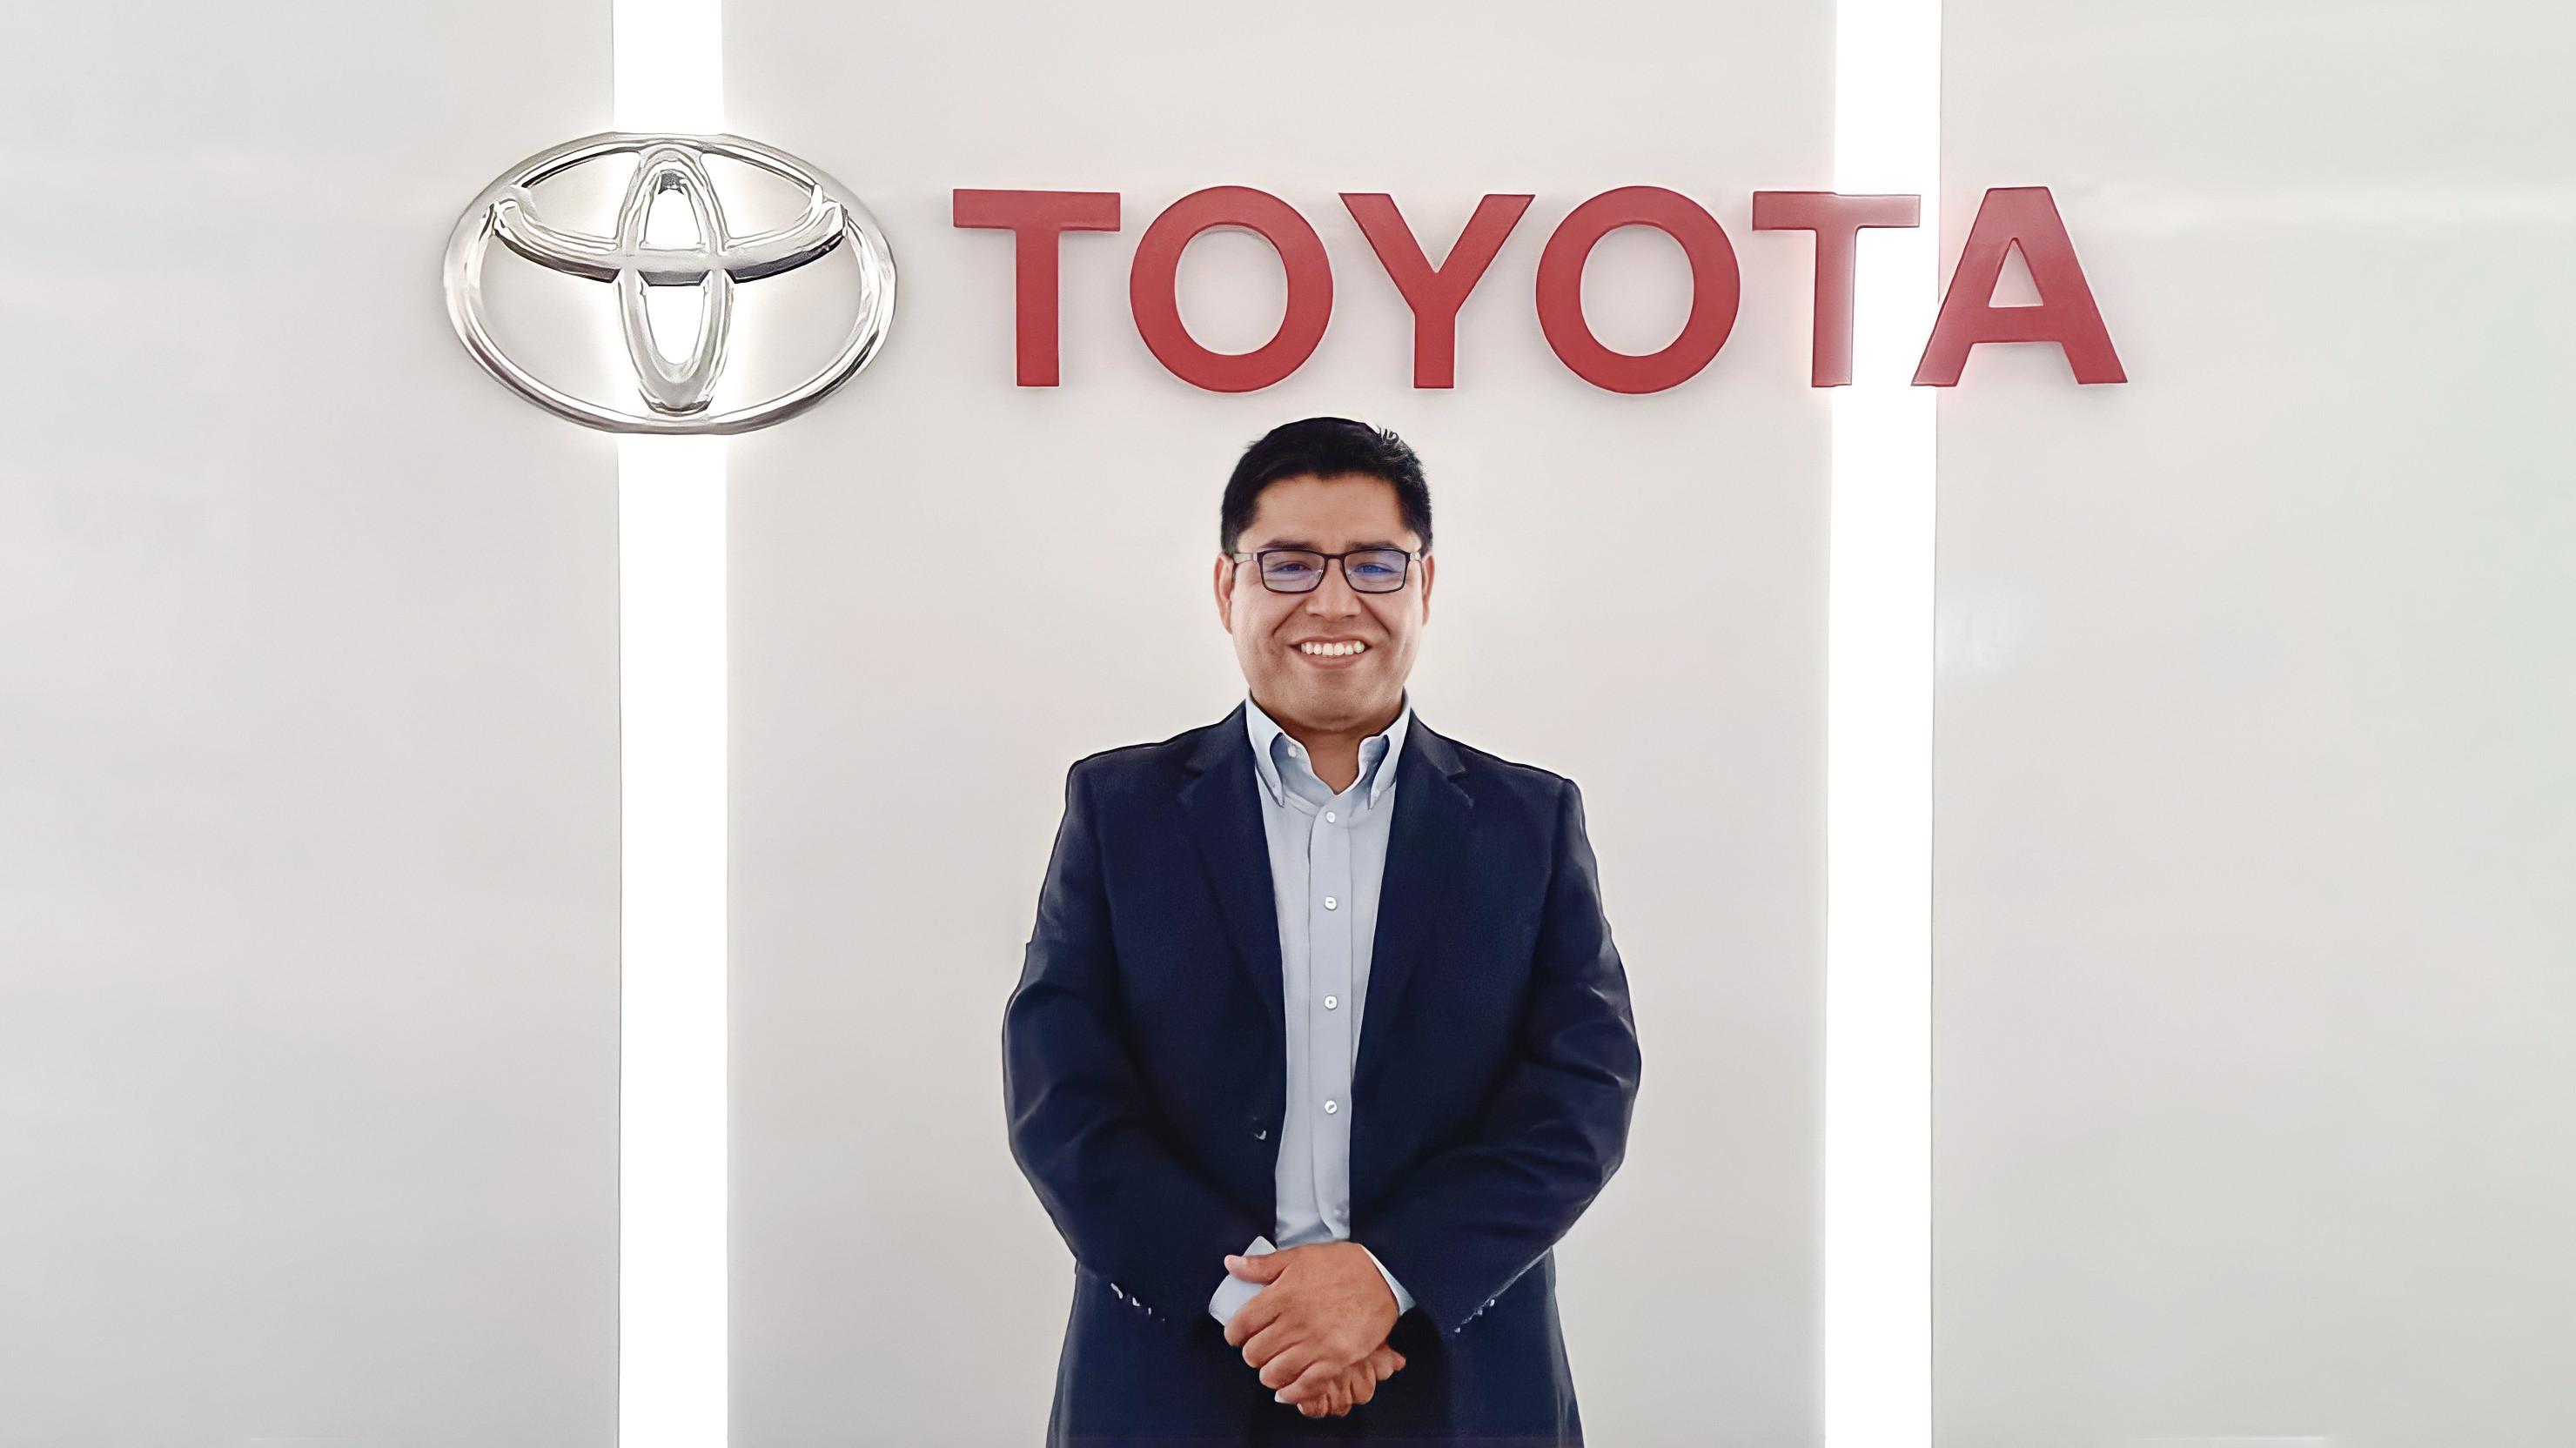 """Toyota: """"Uno de cada cinco vehículos que se han vendido este año han sido Toyota"""""""